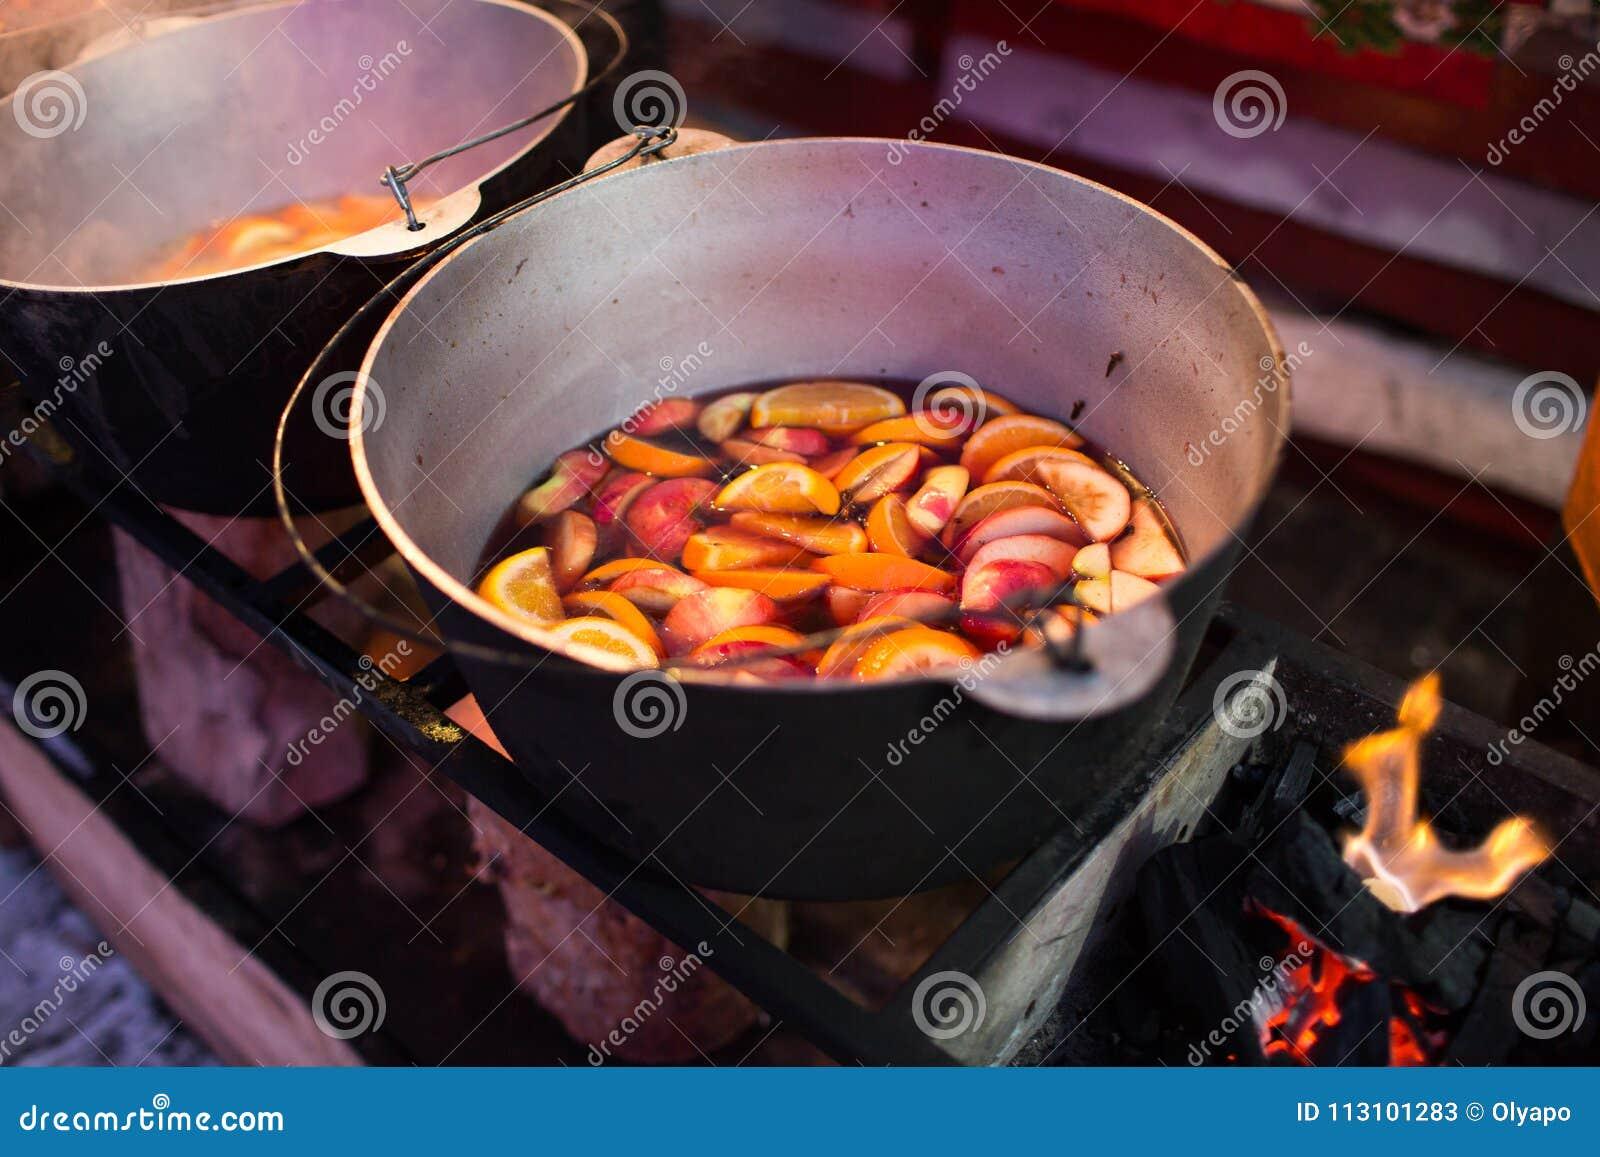 Gluhwein caliente o vino reflexionado sobre en una caldera en la invitación, caliente justo, local y picante Una bebida tradicion